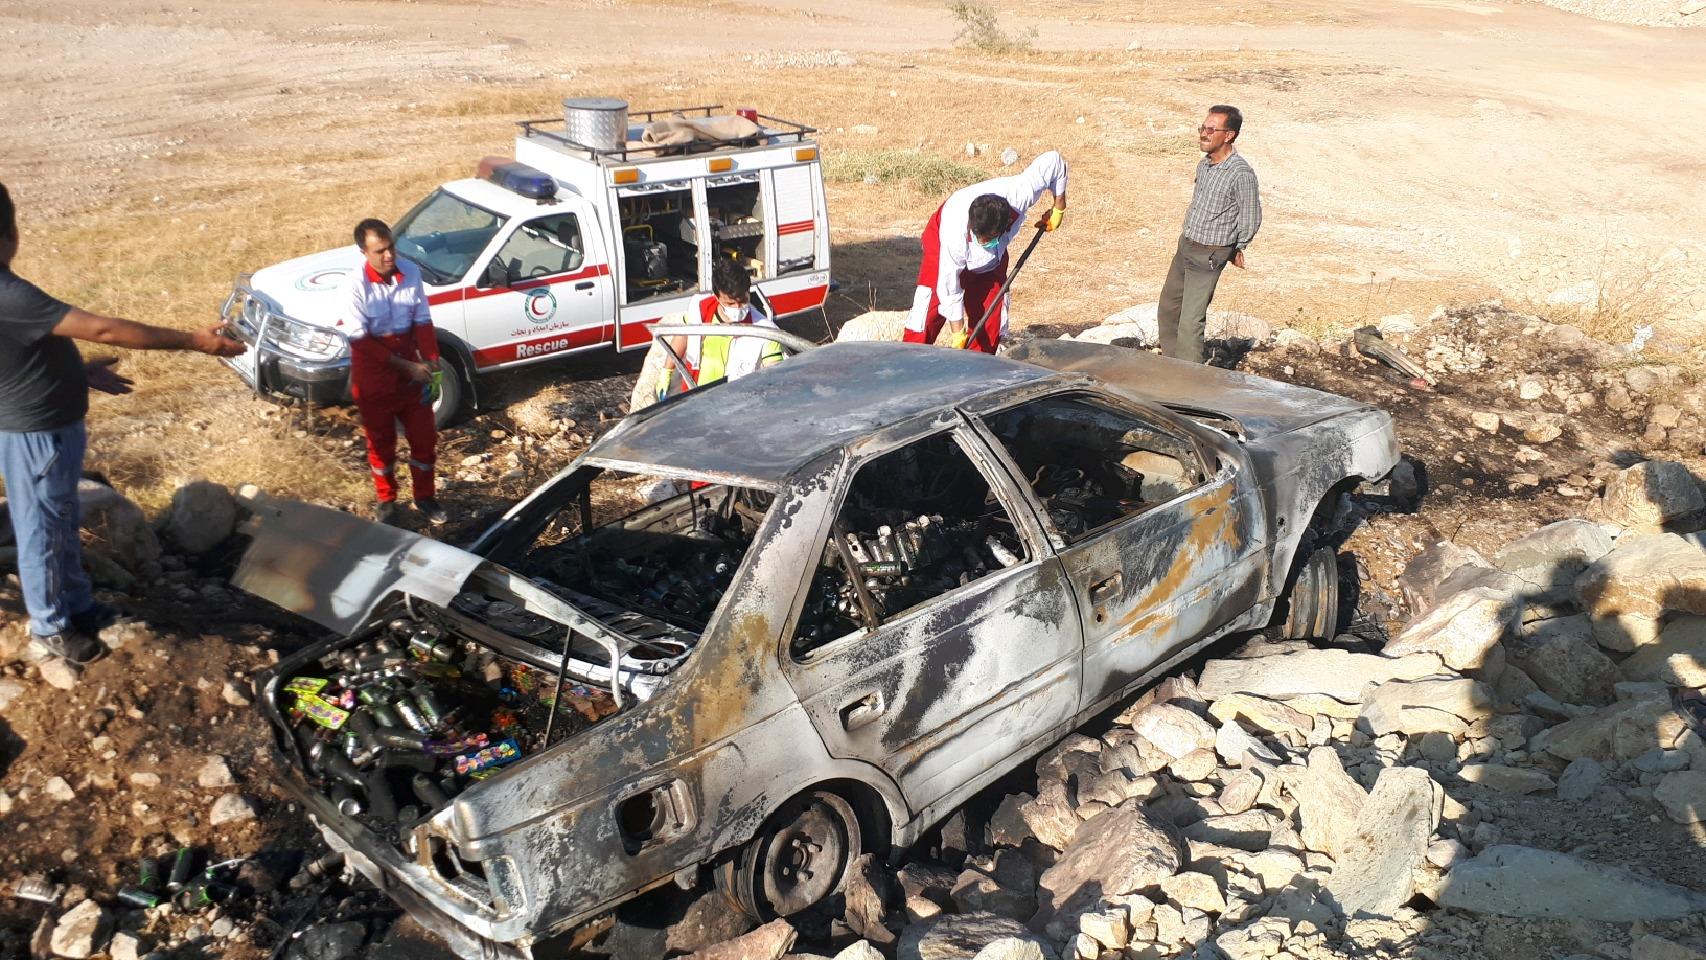 پژو ۴۰۵ در شلالدان در آتش سوخت/جسد راننده قابل شناسایی نیست+جزئیات